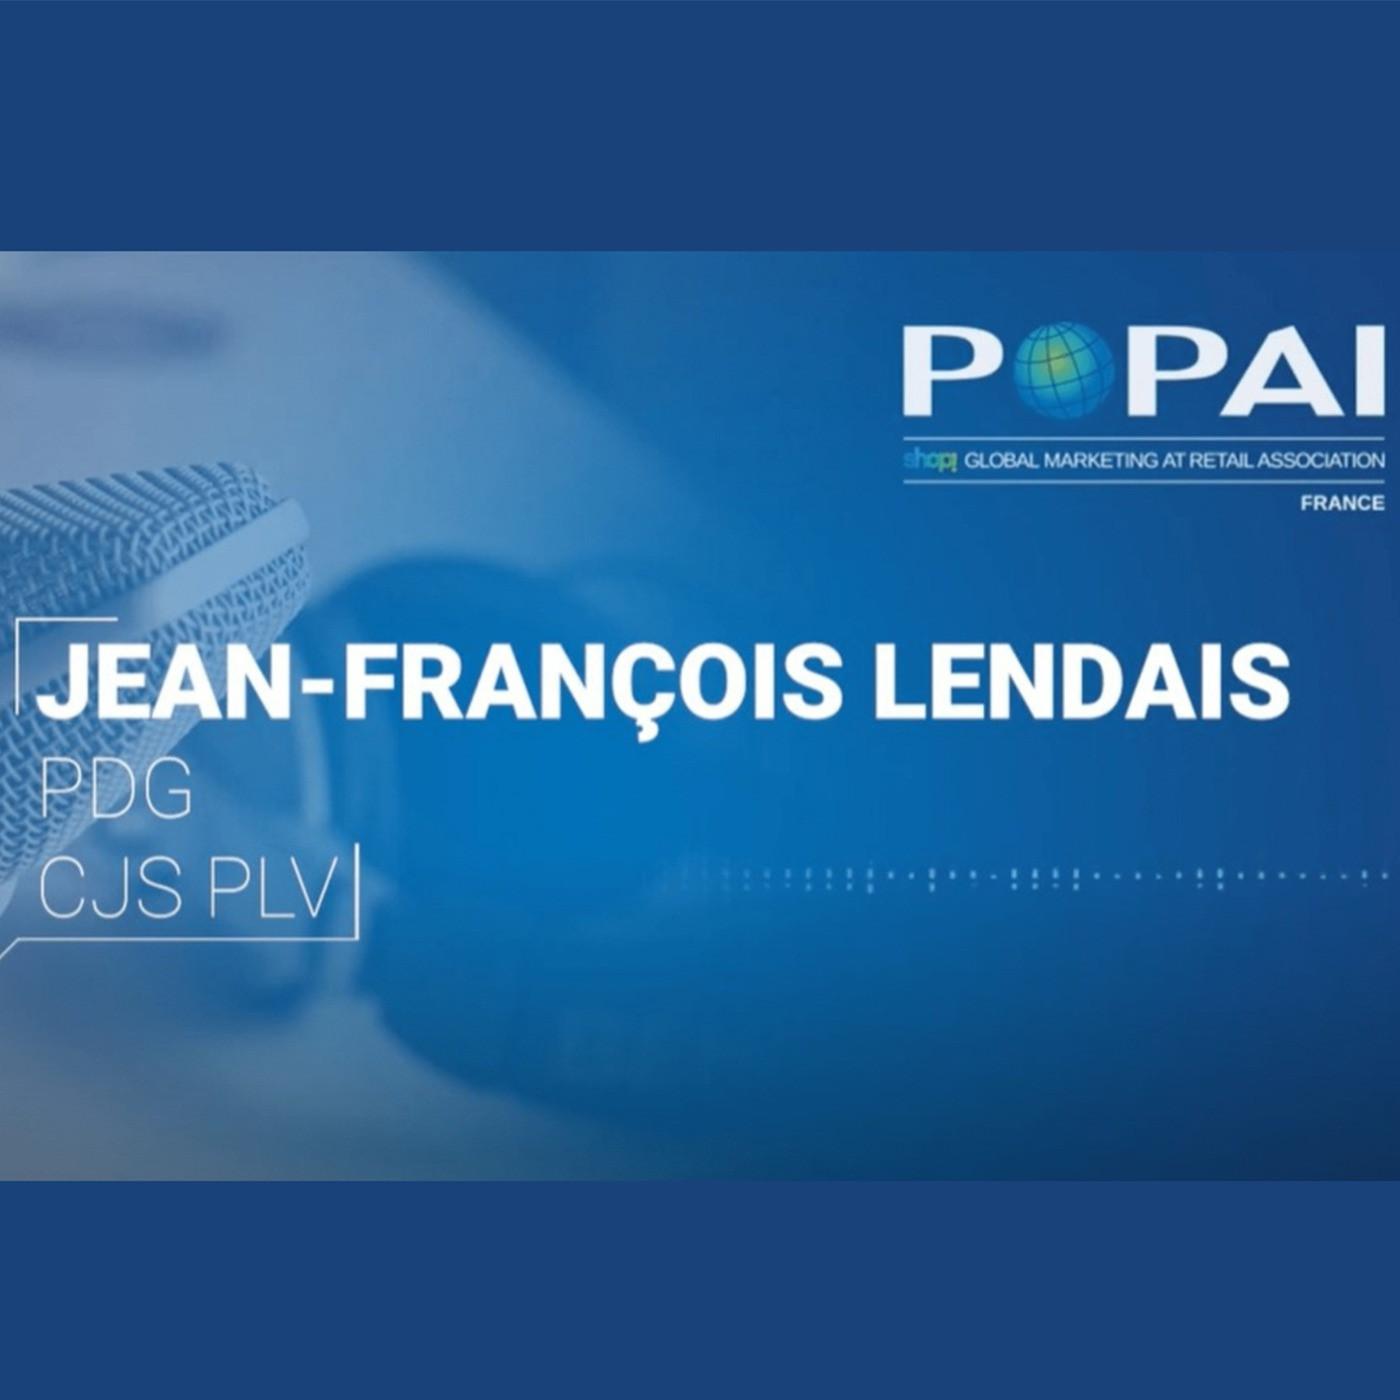 Interview Jean-François LANDAIS - PDG CJS PLV